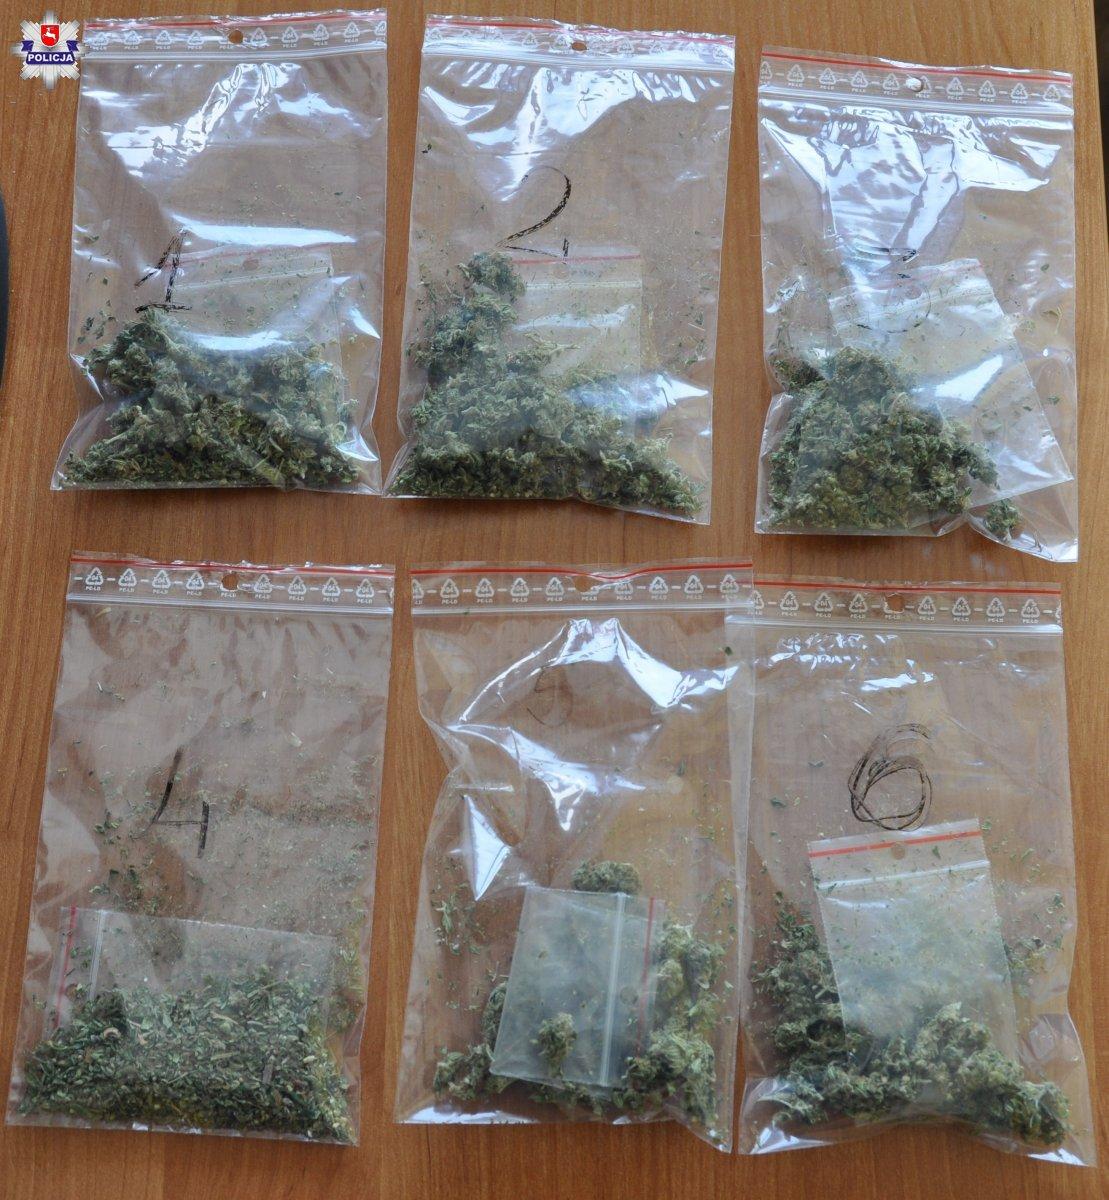 100 działek marihuany ukrytych w wełnie mineralnej - Zdjęcie główne